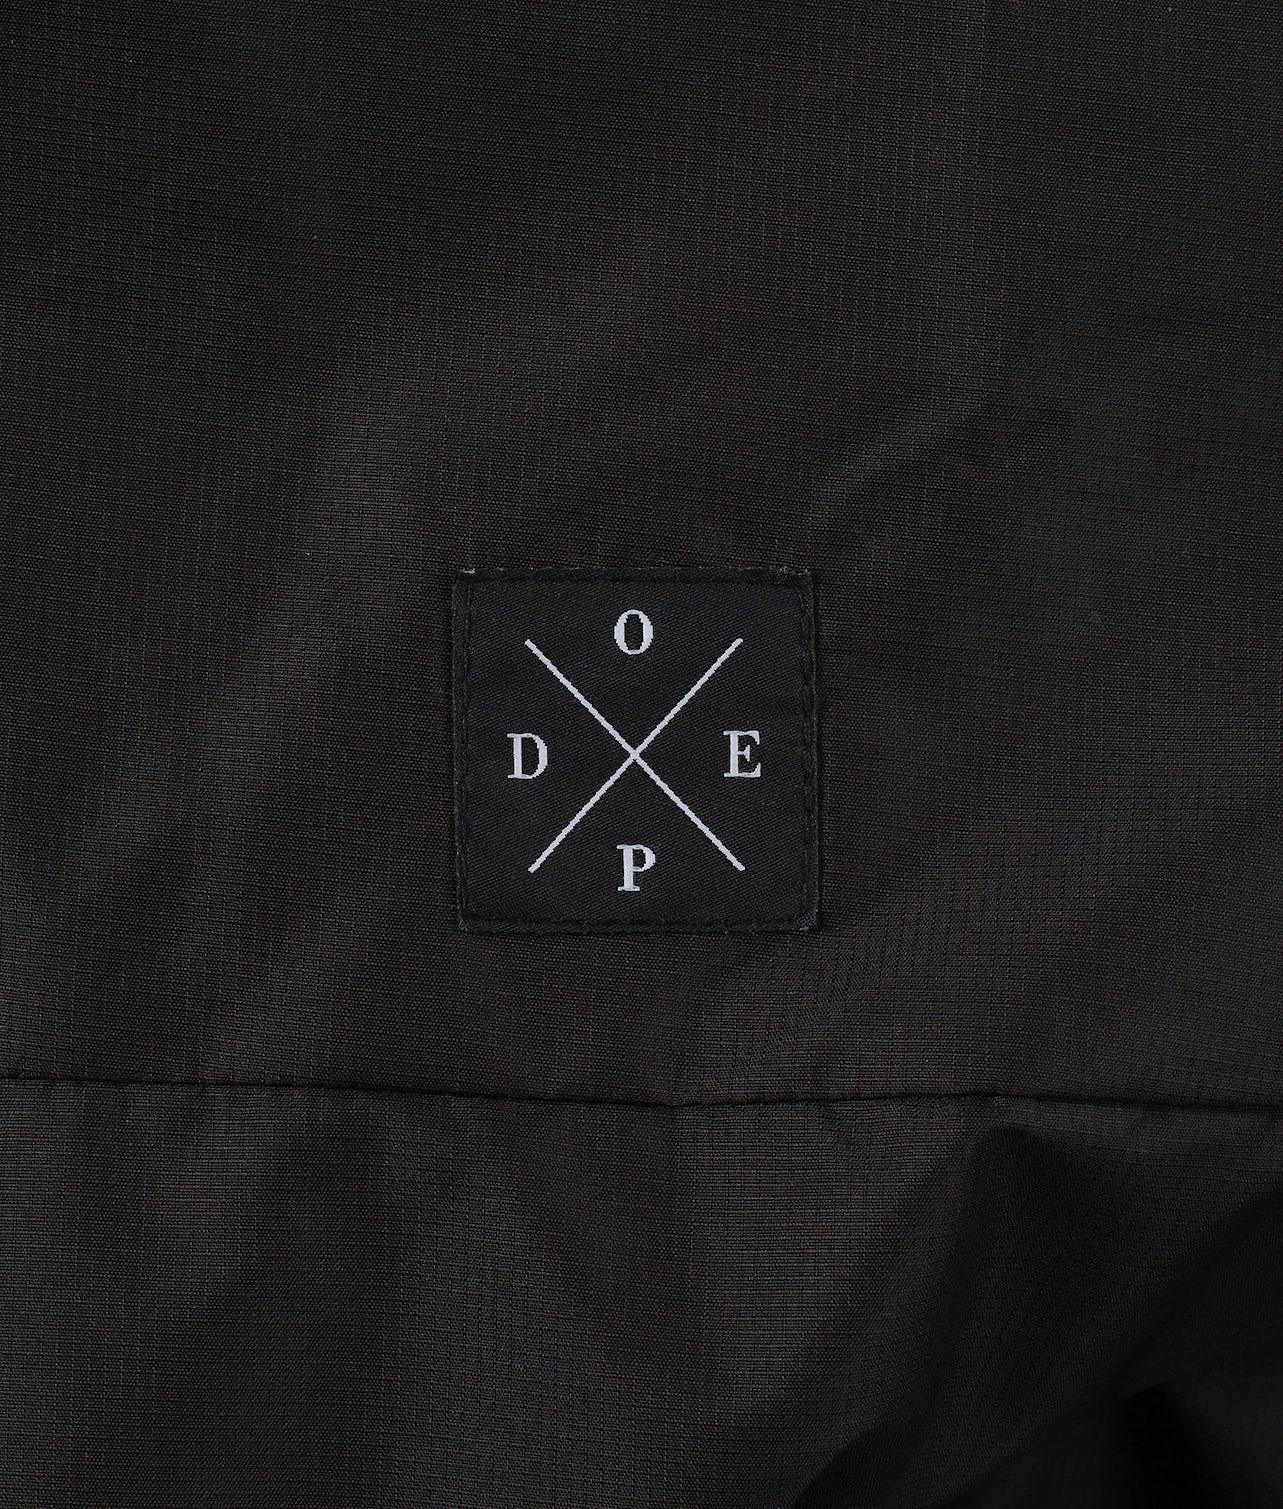 Kjøp 2X Jakke fra Dope på Ridestore.no - Hos oss har du alltid fri frakt, fri retur og 30 dagers åpent kjøp!